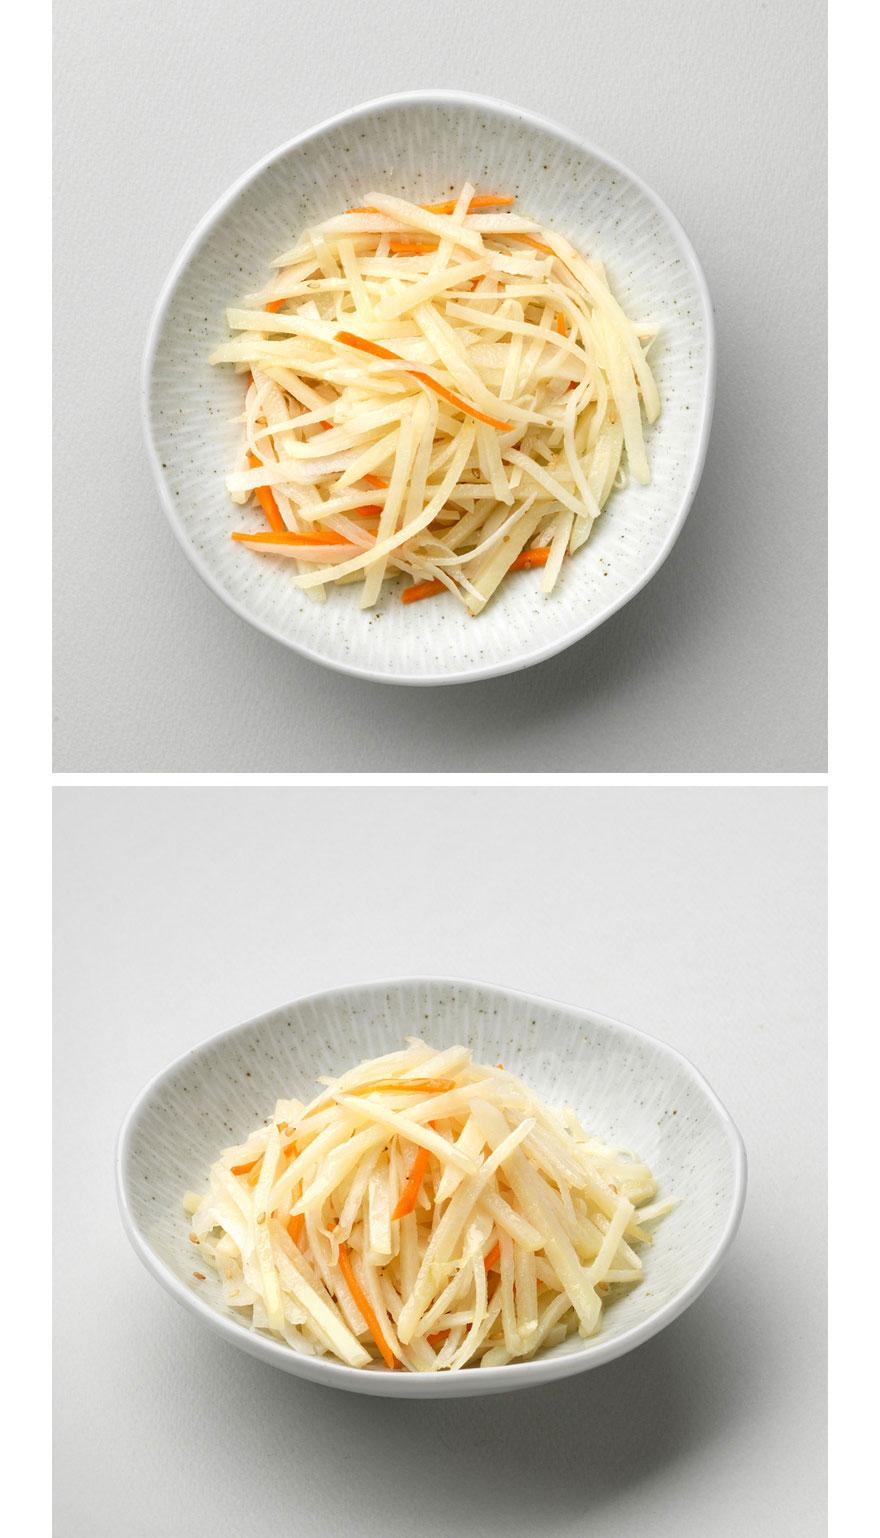 감자채볶음 고소하면서도 담백한 감자채볶음이에요. 잘못 볶으면 감자가 덜 익어 서걱거리거나 너무 익어서 다 부서지는데요. 집반찬연구소 감자채 볶음은 감자를 볶을 때 육수를 한수저씩 넣어가며 볶기 때문에 느끼하지 않고 잘 익은 감자채를 맛볼 수 있습니다. 먹고 남은 감자채는 볶음밥 만들 때 속재료로 함께 넣어도 정말 좋습니다.